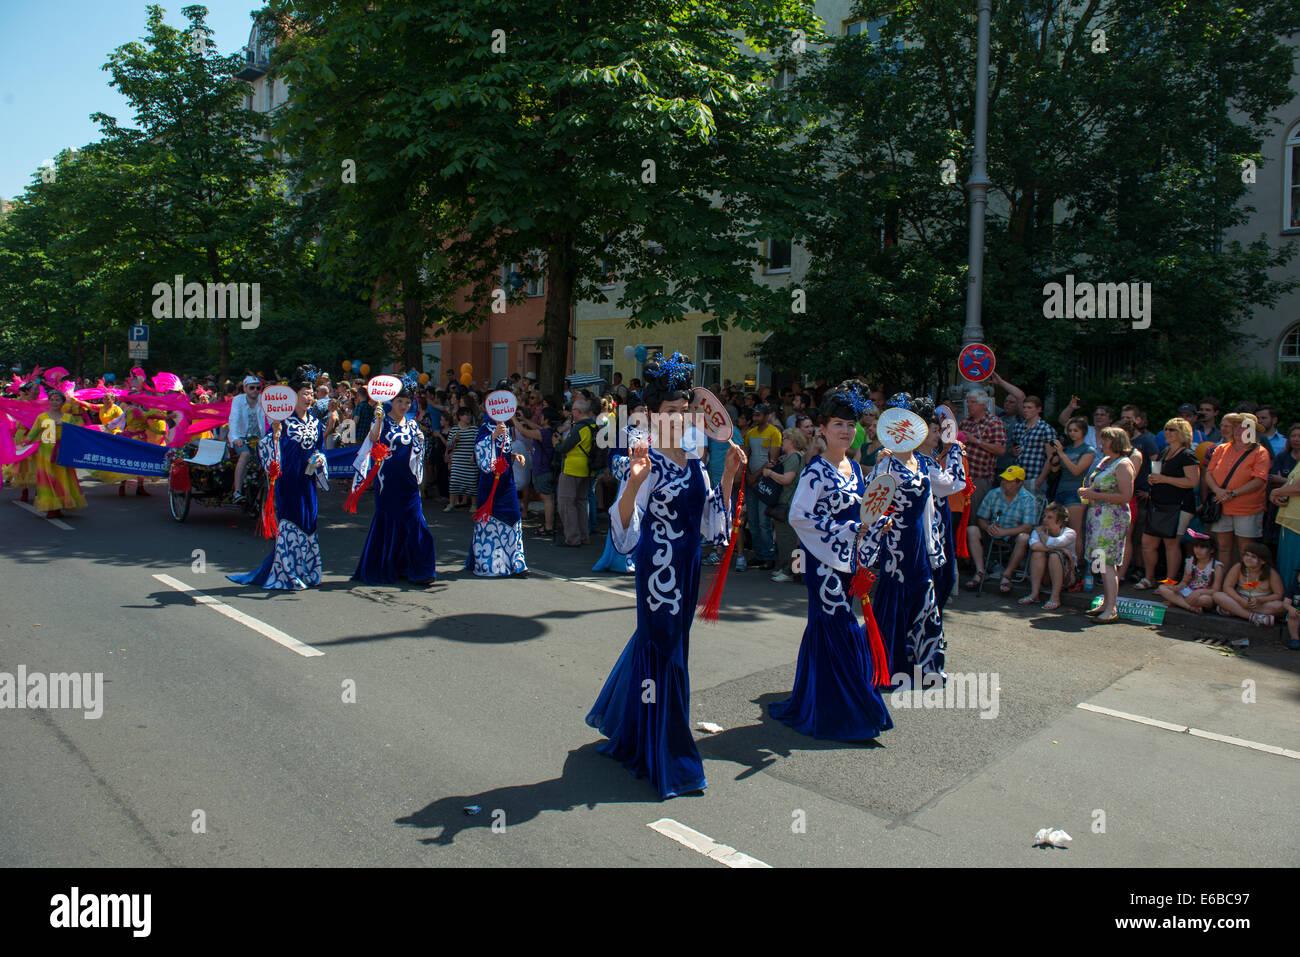 Teilnehmer am Karneval der Kulturen (Karneval der Kulturen), eines der wichtigsten städtischen Festivals in Berlin Stockfoto